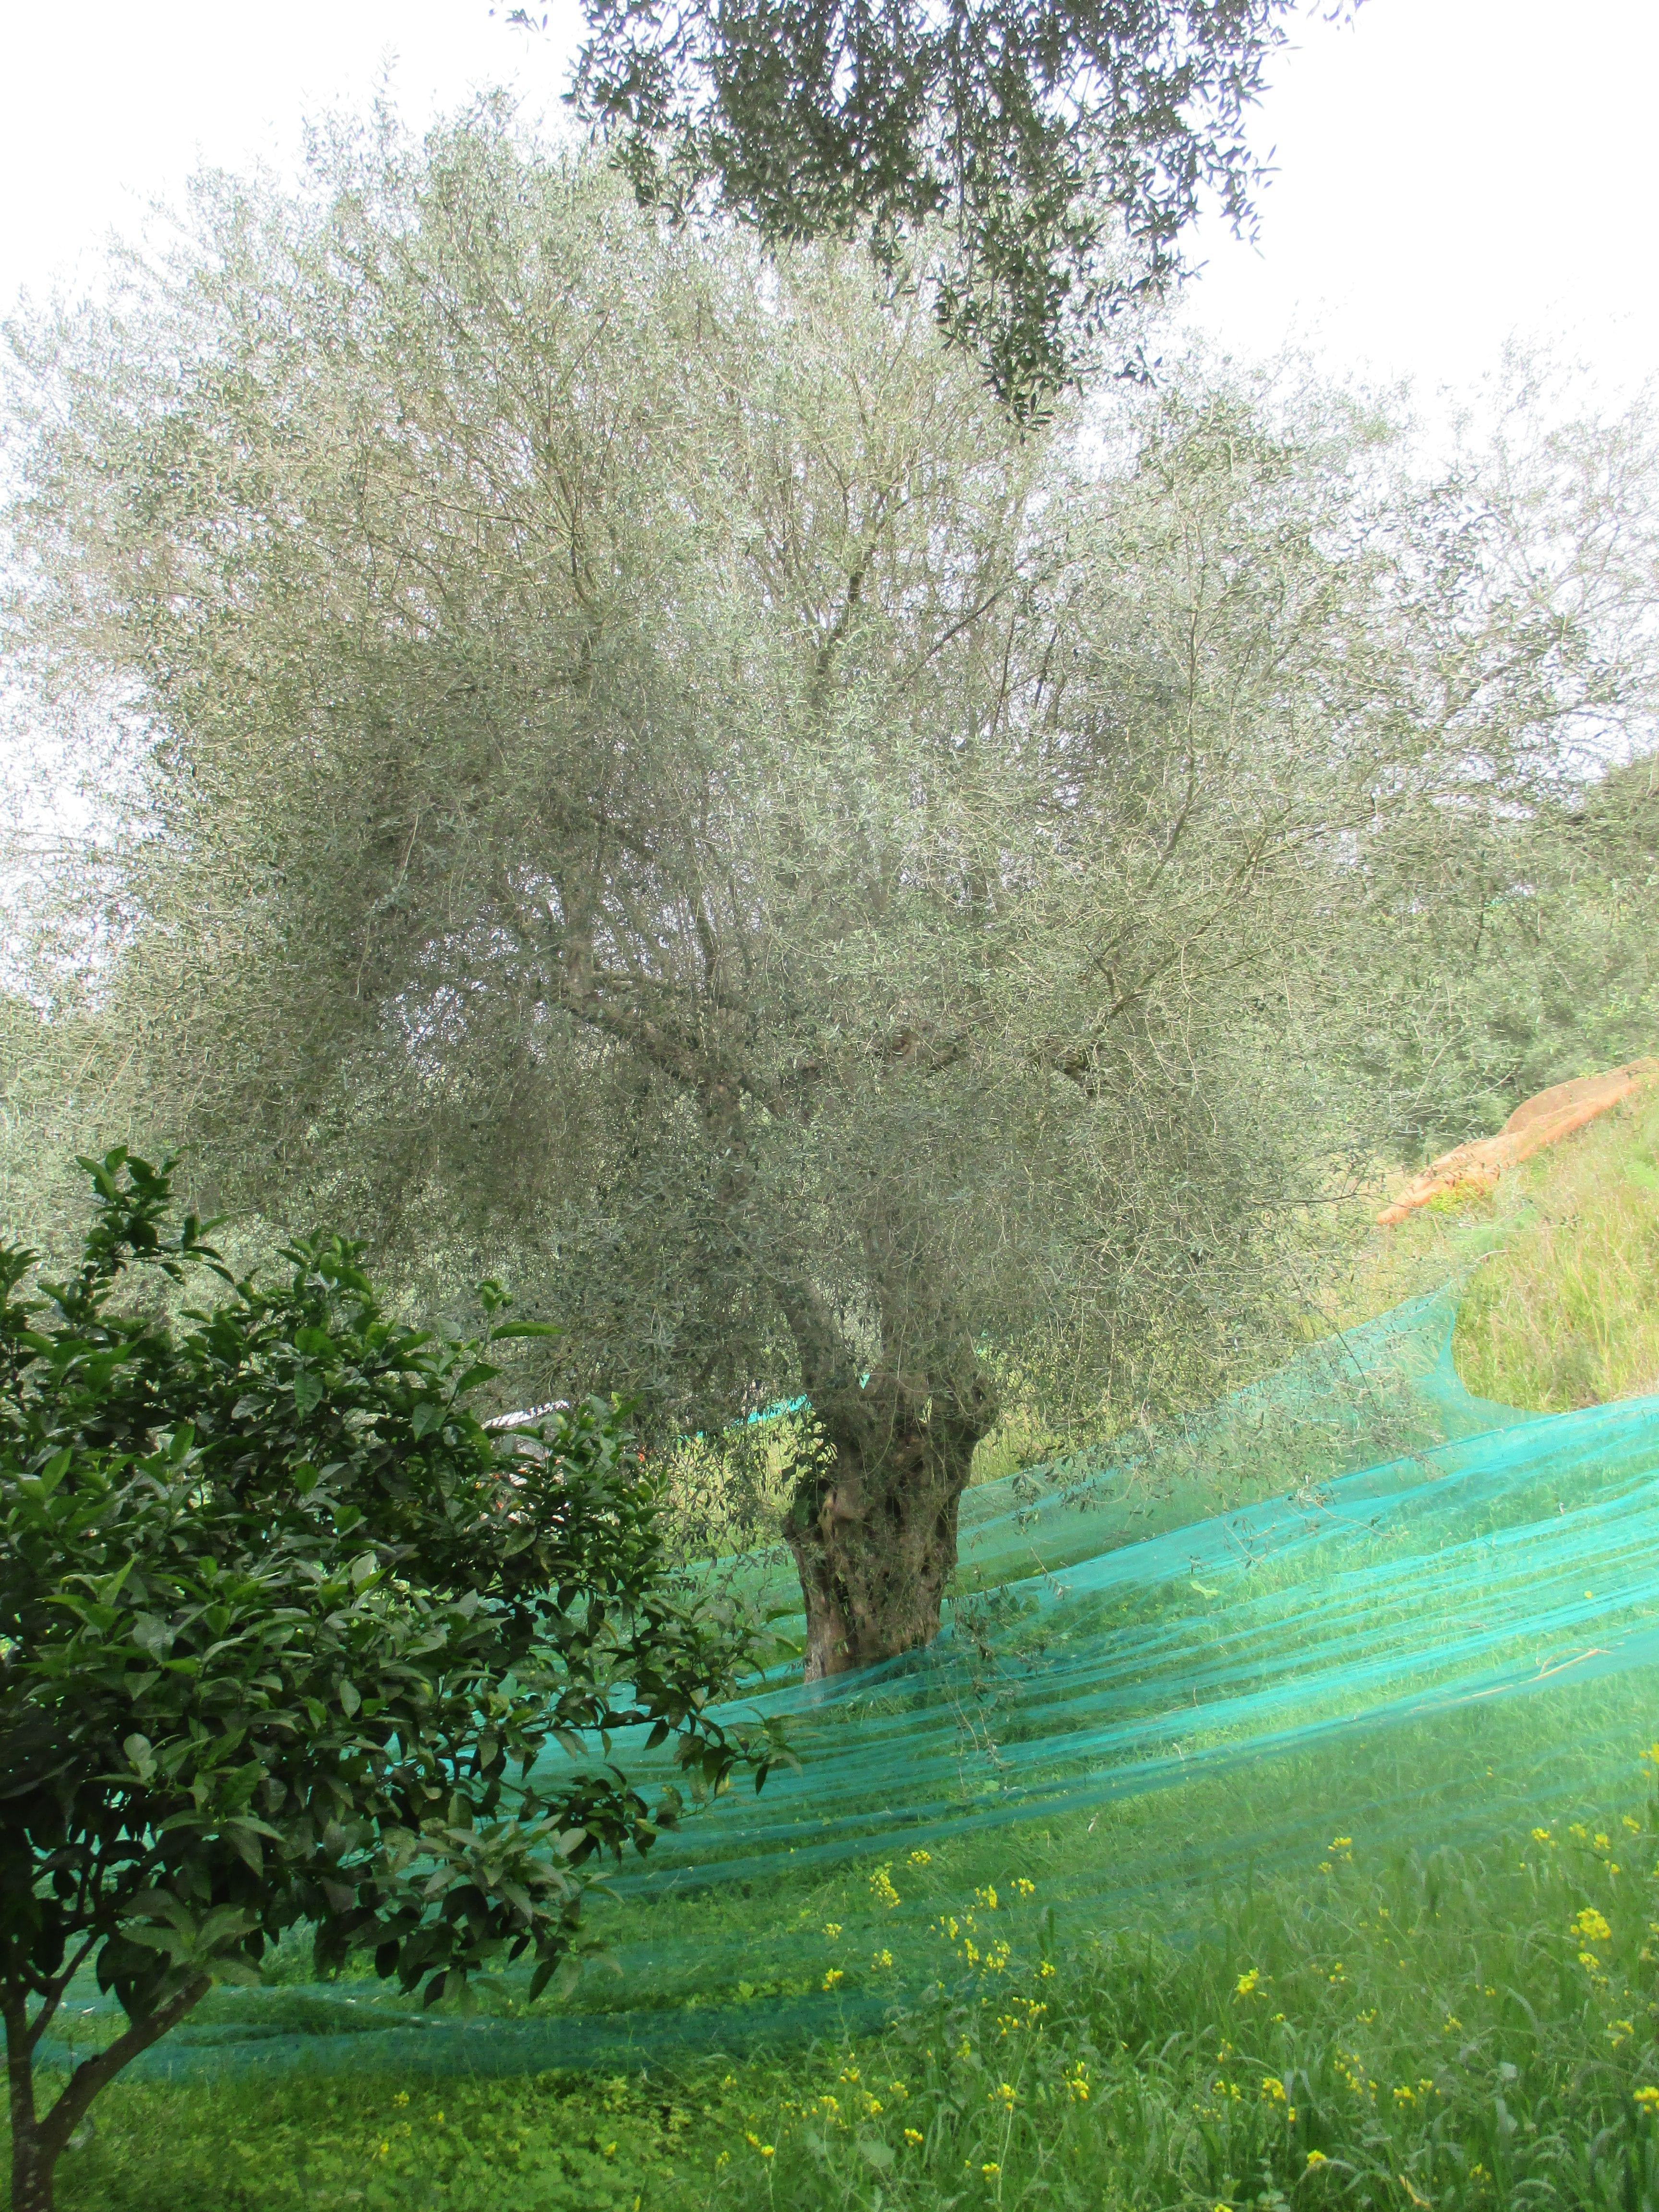 albero-1-1-e1617791107131